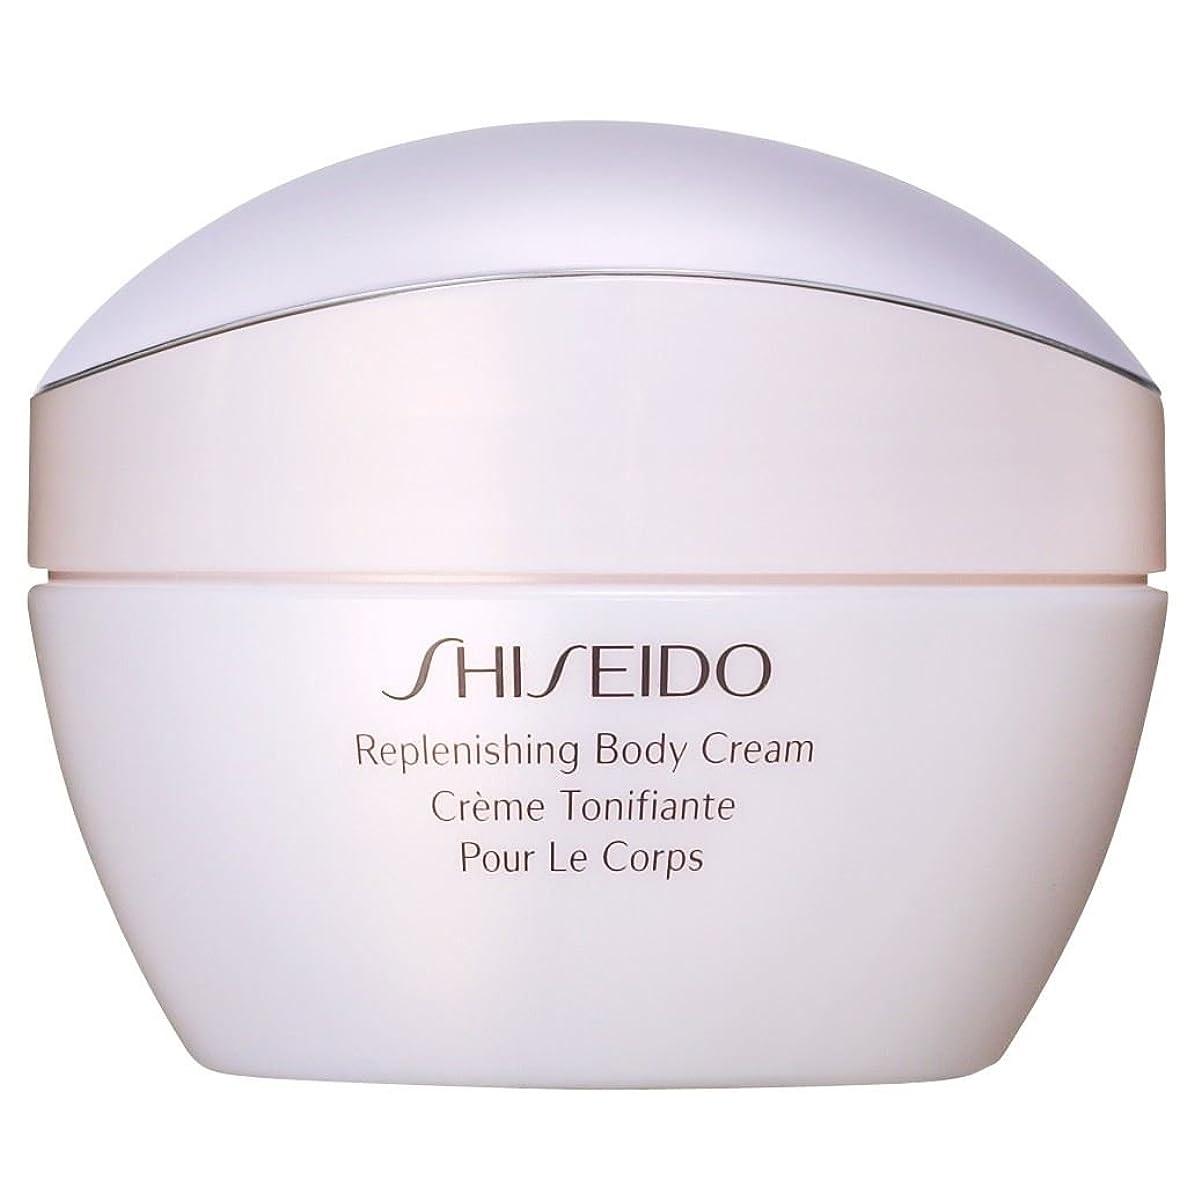 品揃え蒸し器行商[Shiseido] 資生堂補充ボディクリーム200ミリリットル - Shiseido Replenishing Body Cream 200ml [並行輸入品]